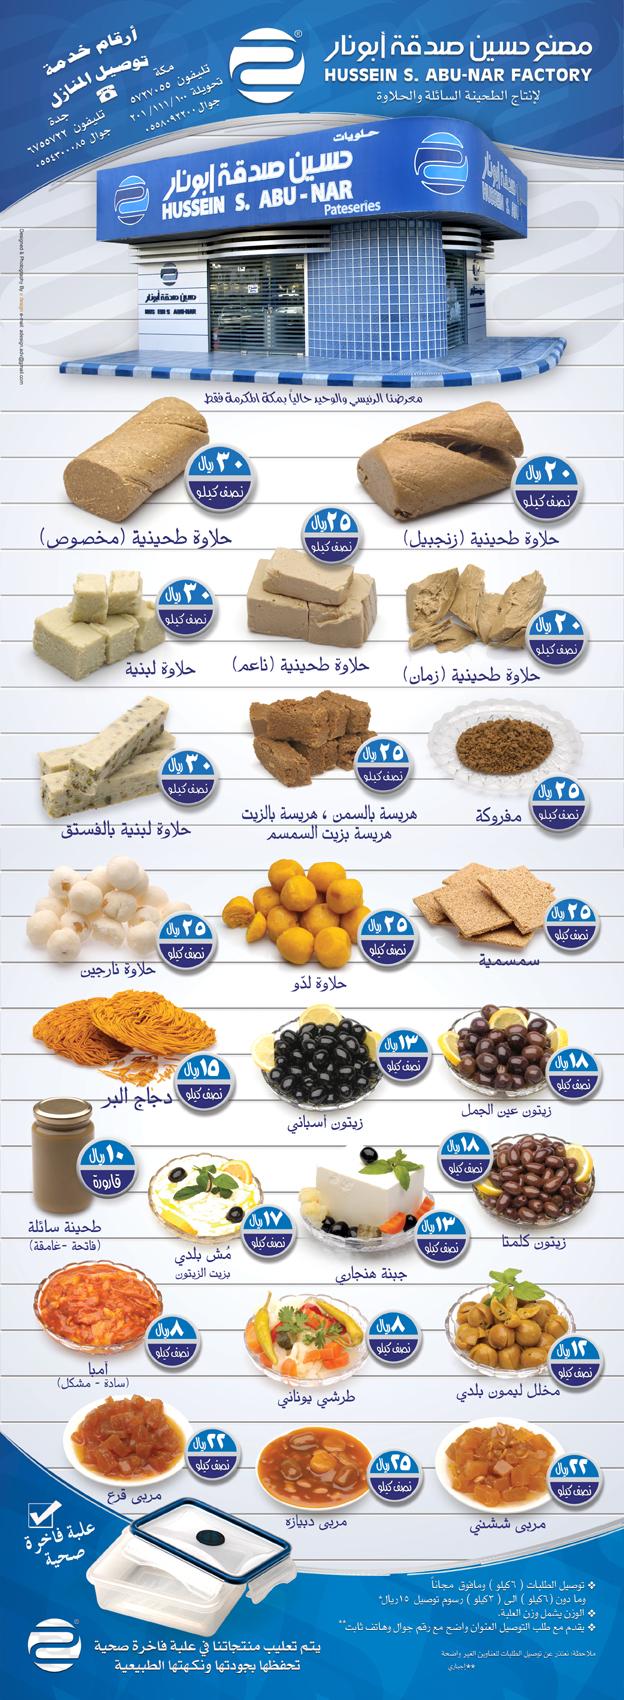 حلاووة ابو نار الصفحة 3 عالم حواء